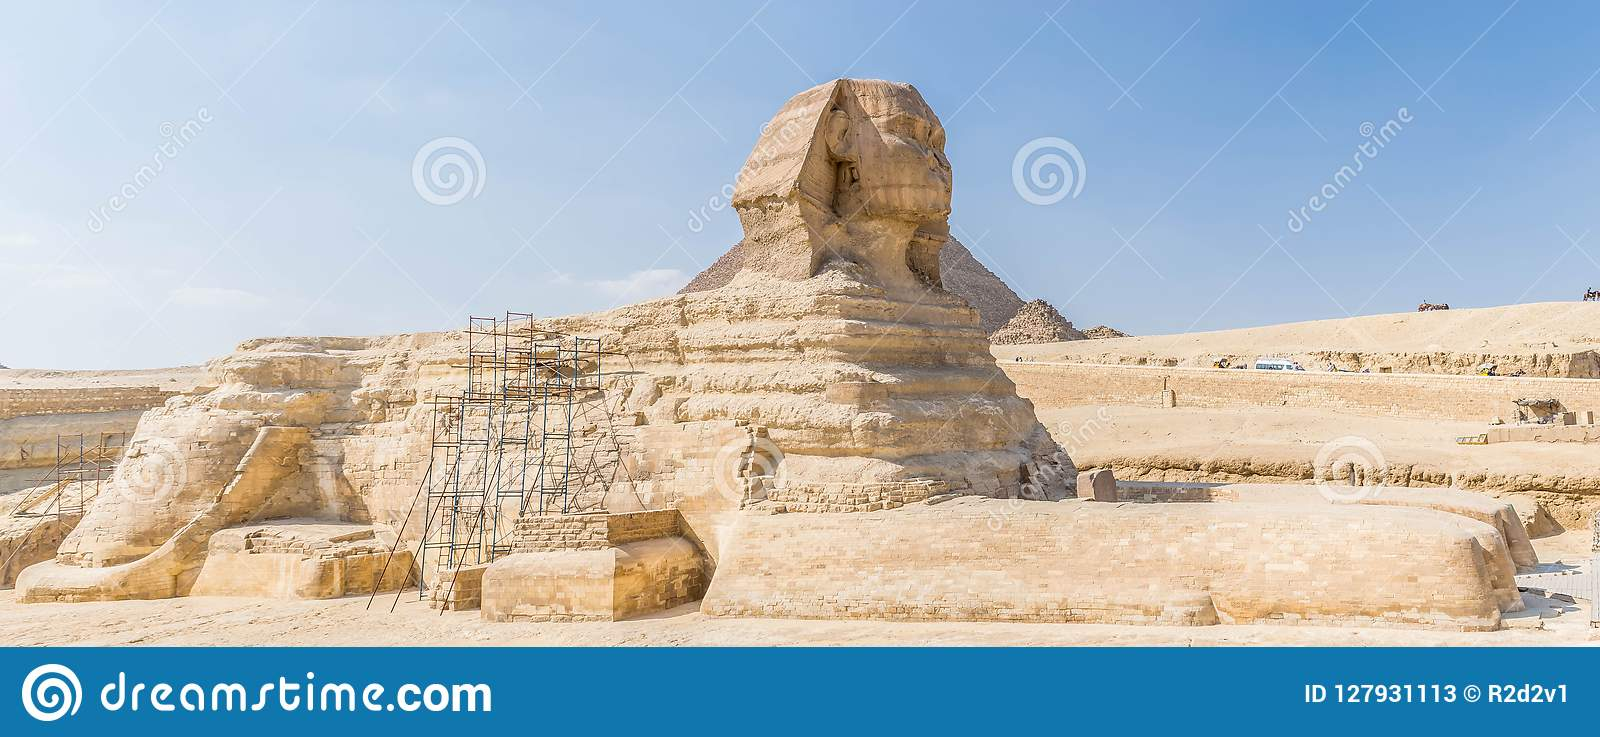 O grande Sphinx em Egipto